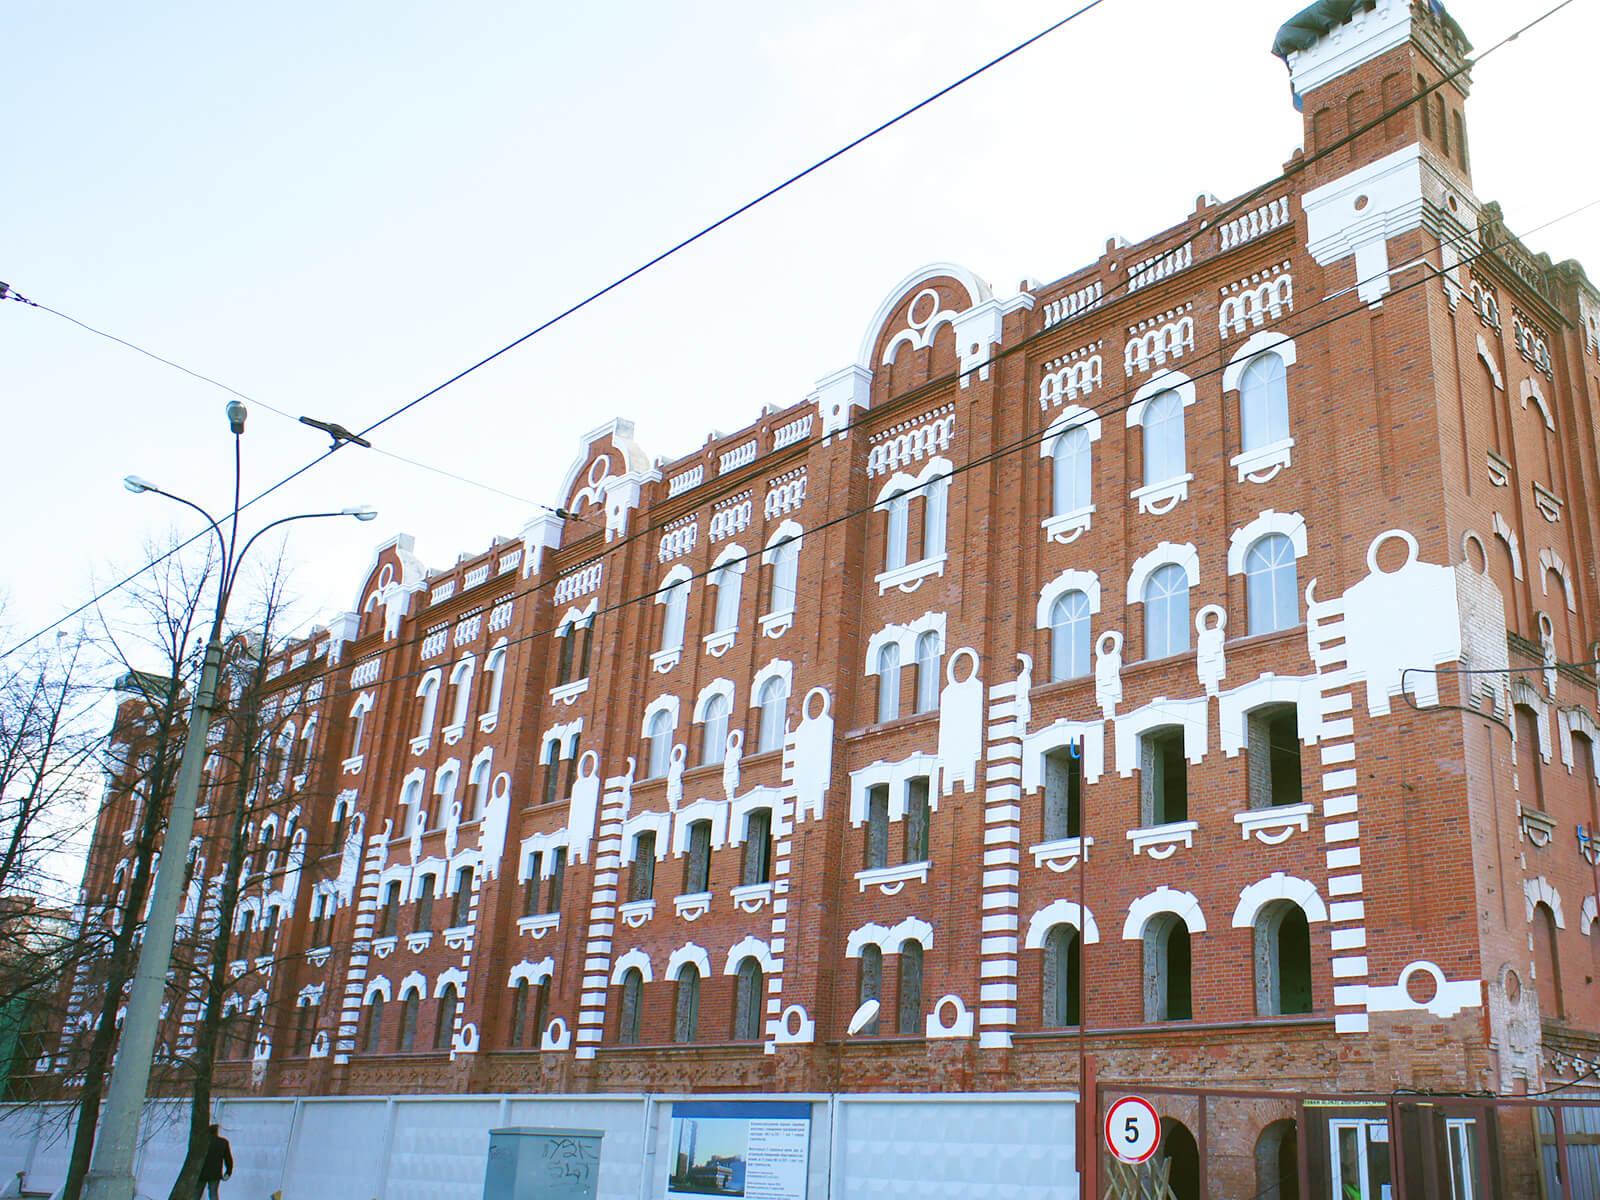 Завершена реконструкция фасада здания Мельницы Борчанинова-Первушина